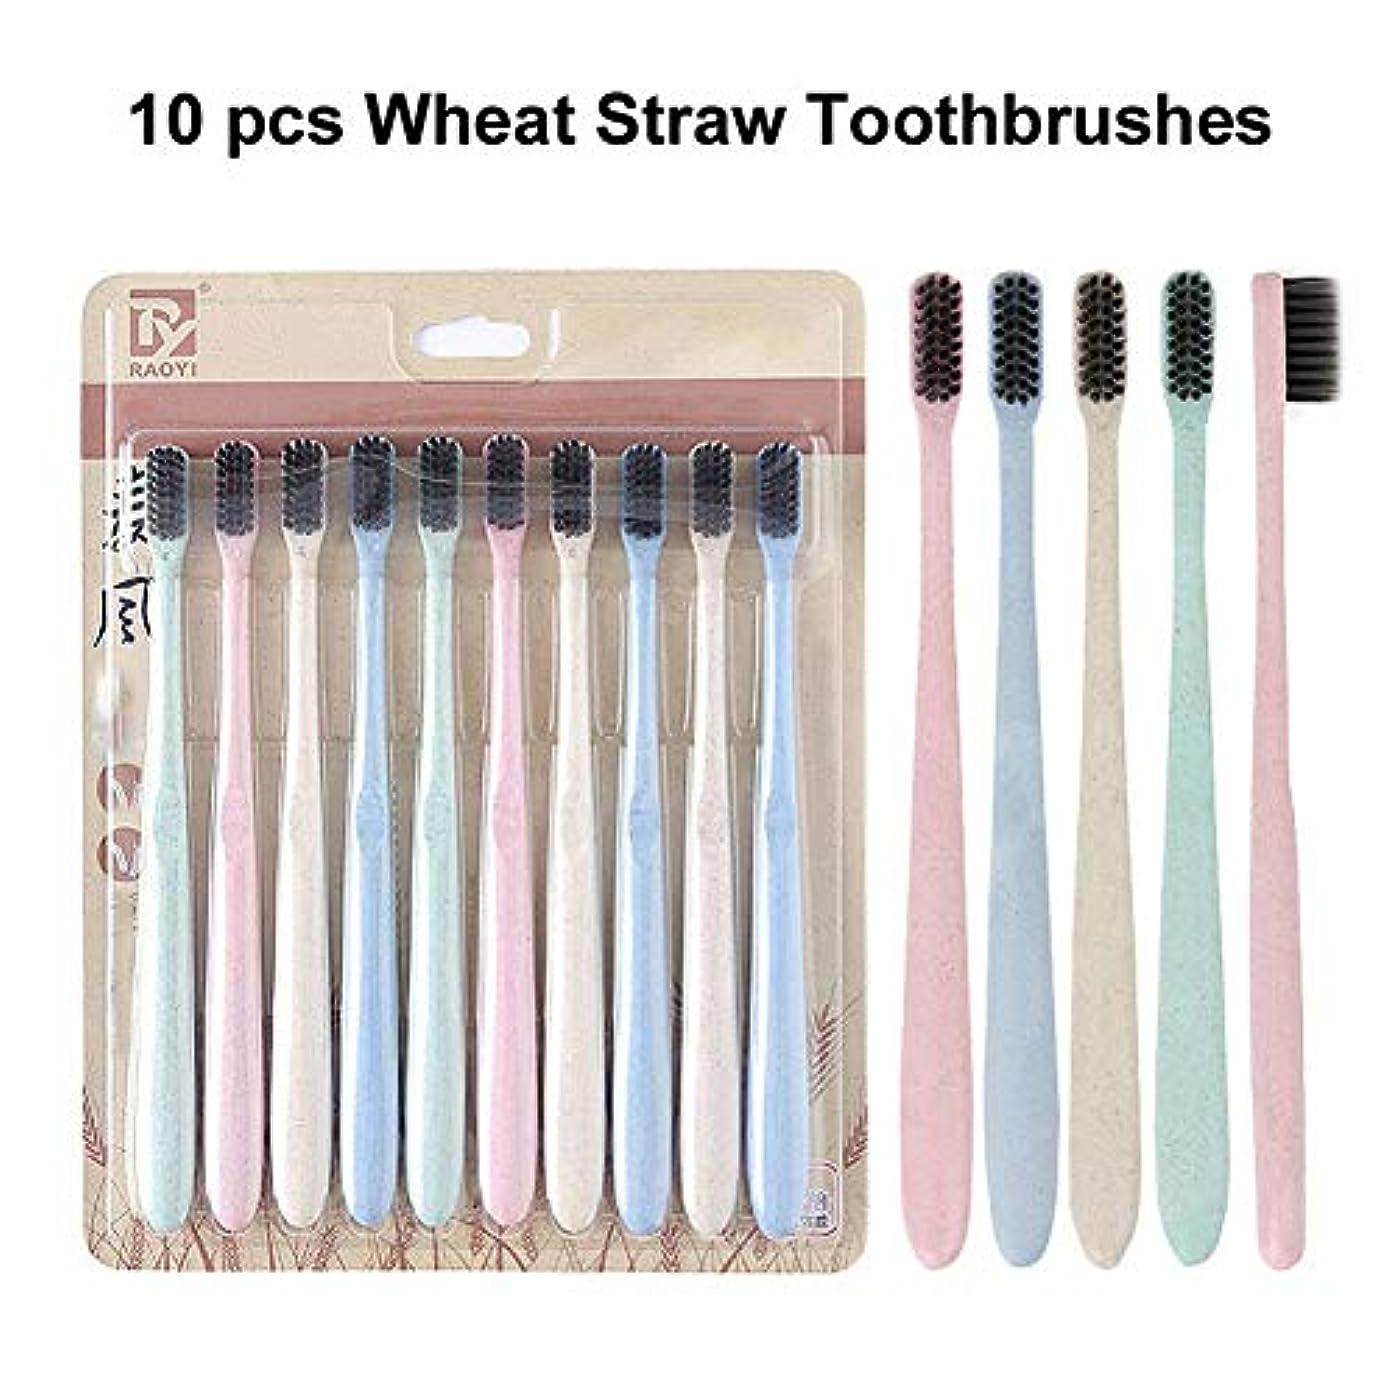 したいチャレンジ稼ぐ10本の自然小麦わらの歯ブラシの柔らかいタケ木炭ブラシの口頭クリーニング (多色)